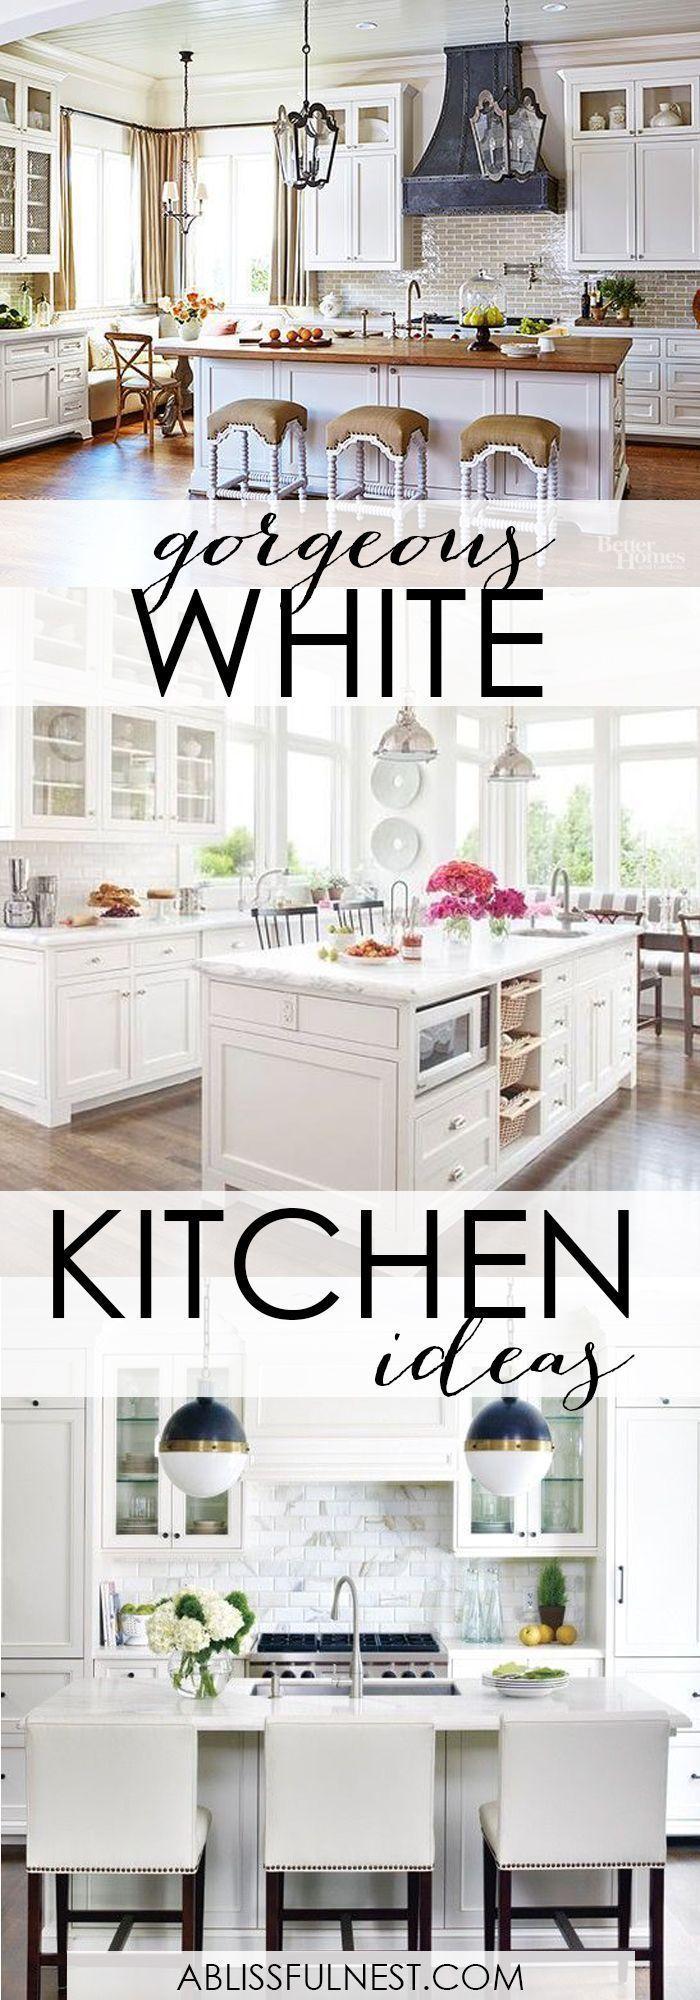 best kitchen images on pinterest organization ideas home